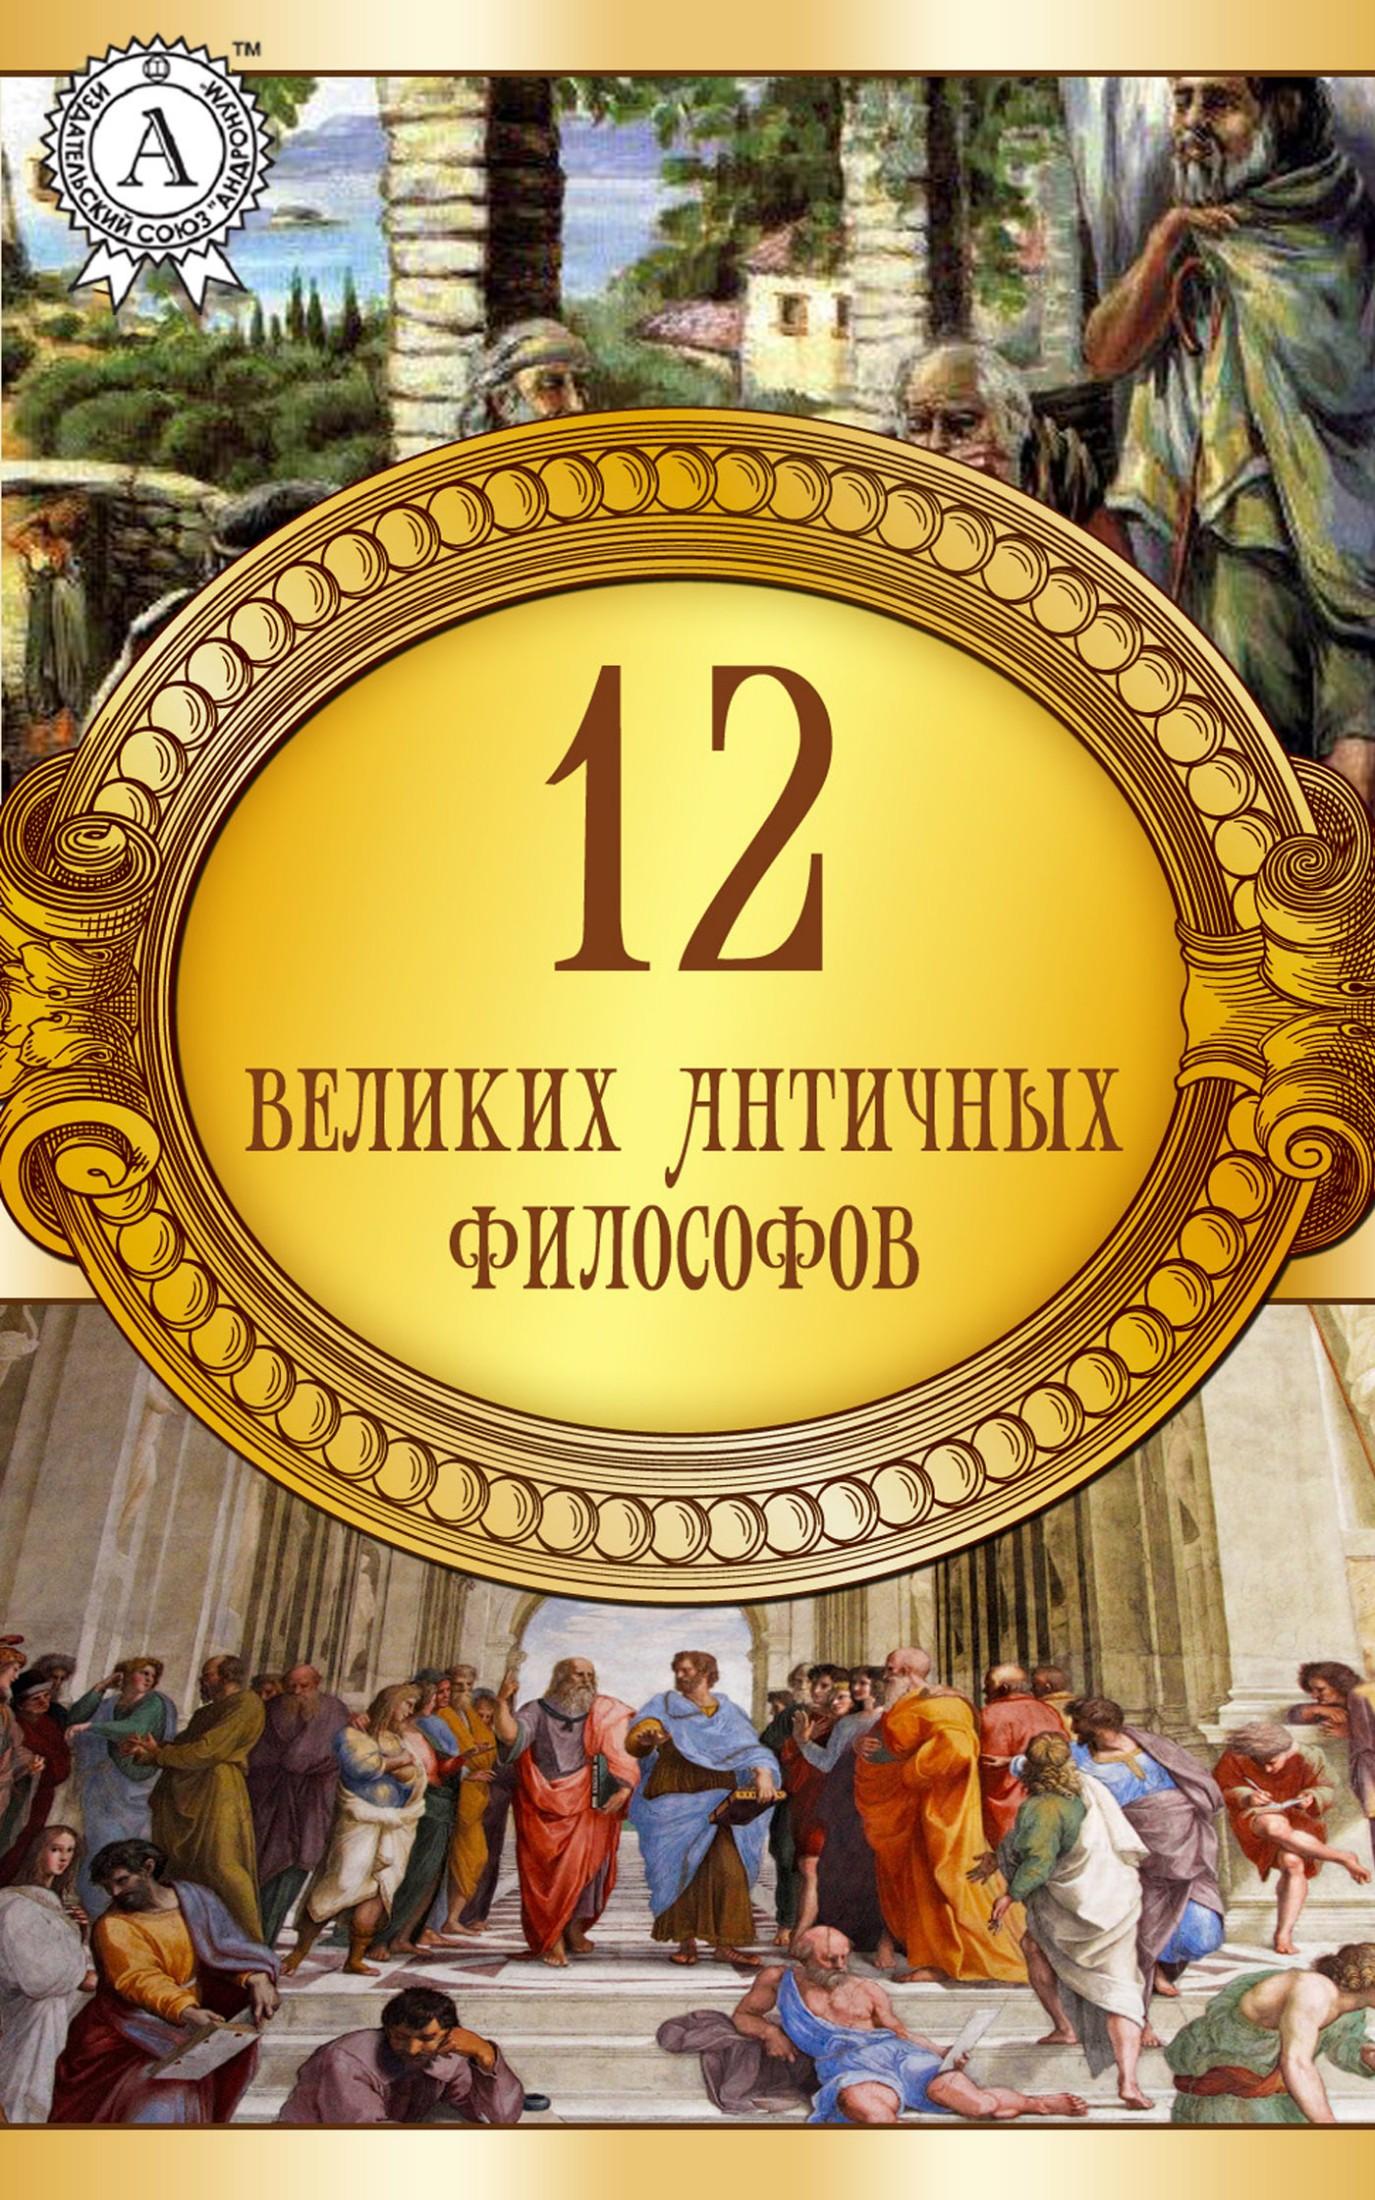 Платон 12 великих античных философов